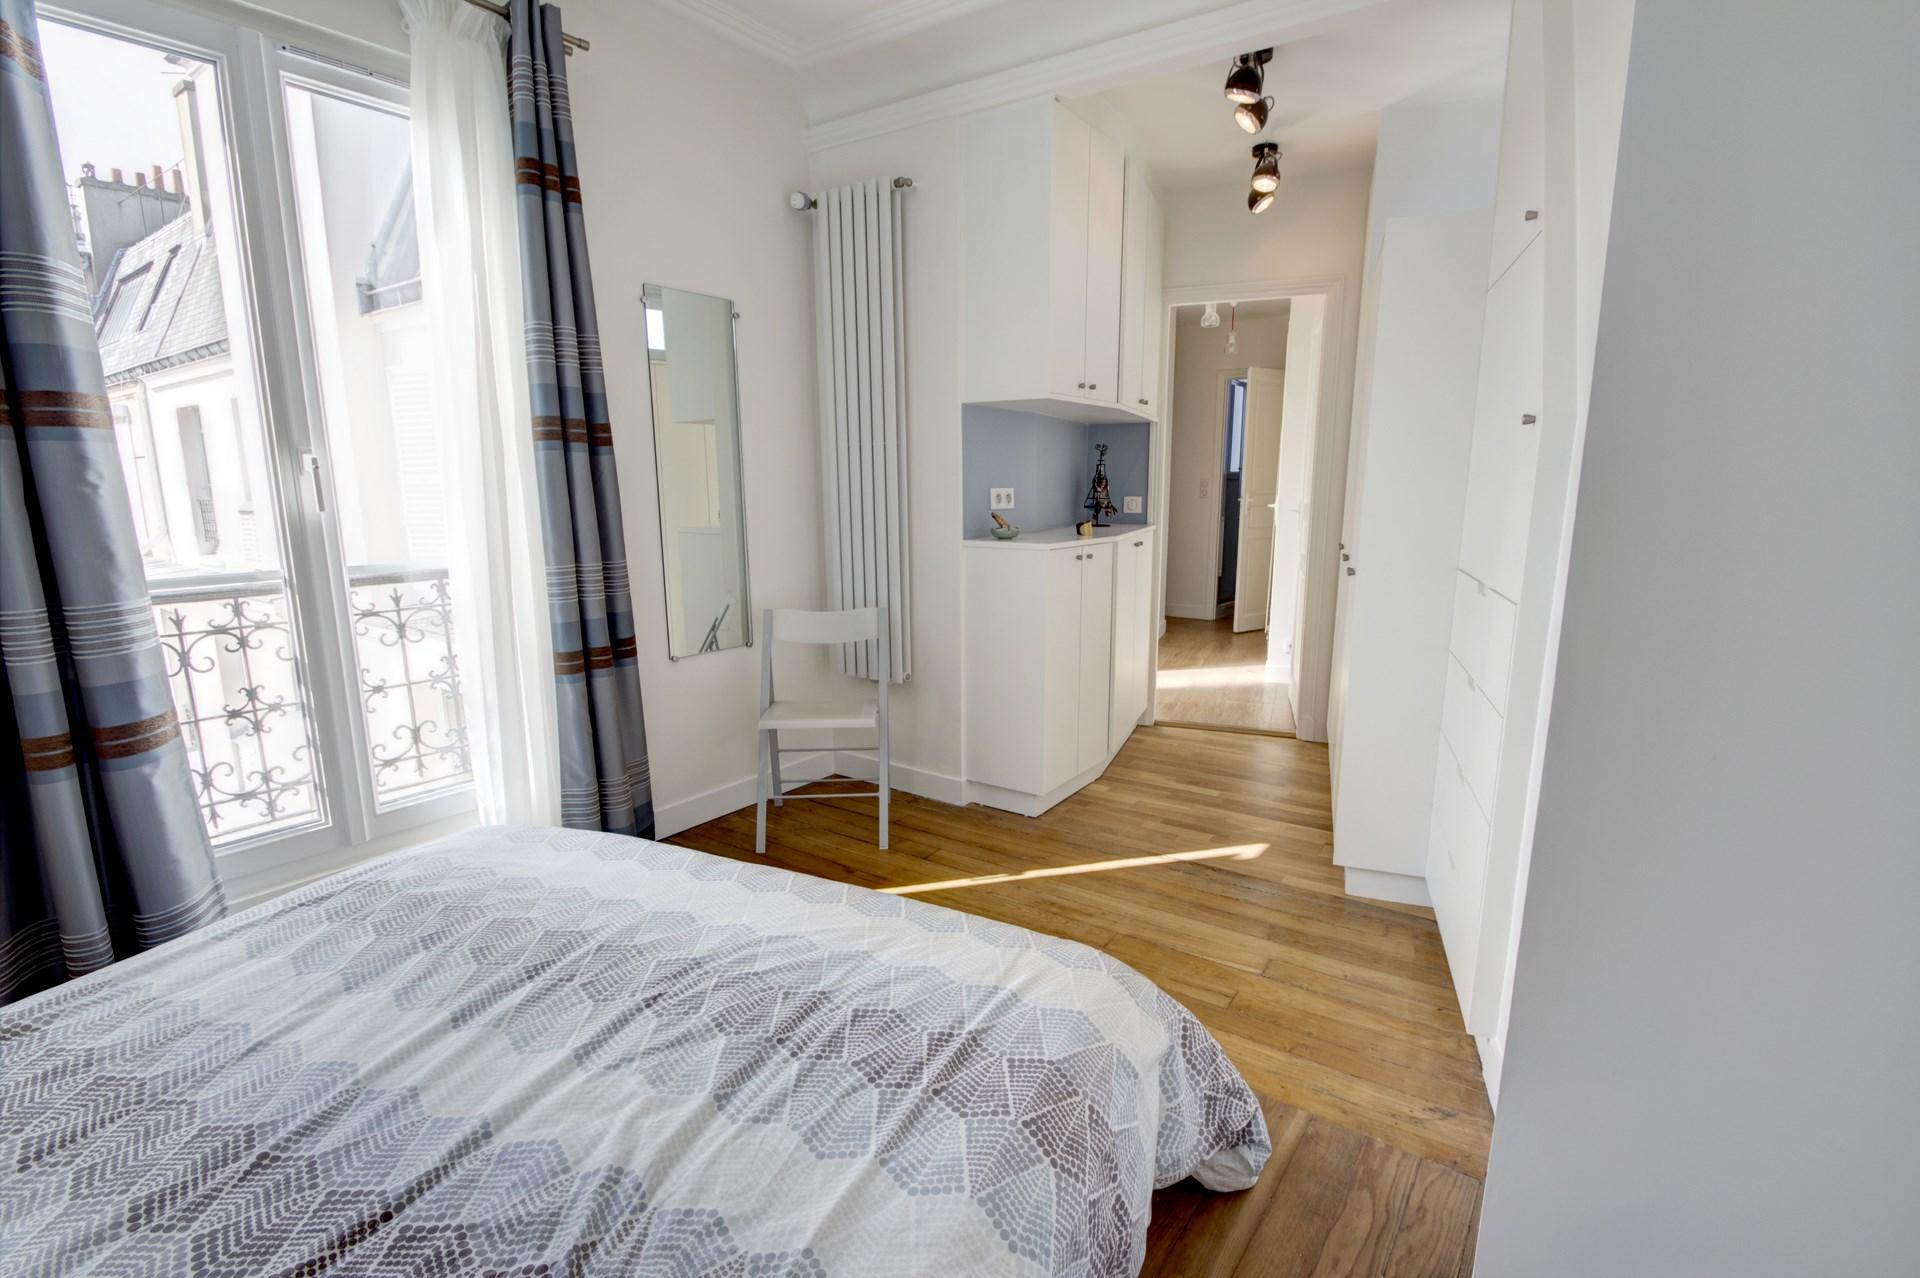 appartement familiale chambre parentale dressing bleu gris renovation agence avous